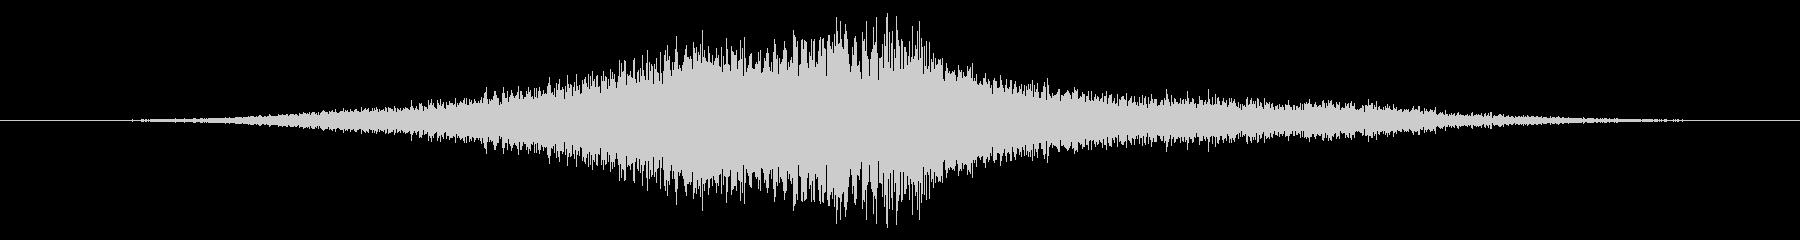 着信メタリックスペースバーストインパクトの未再生の波形